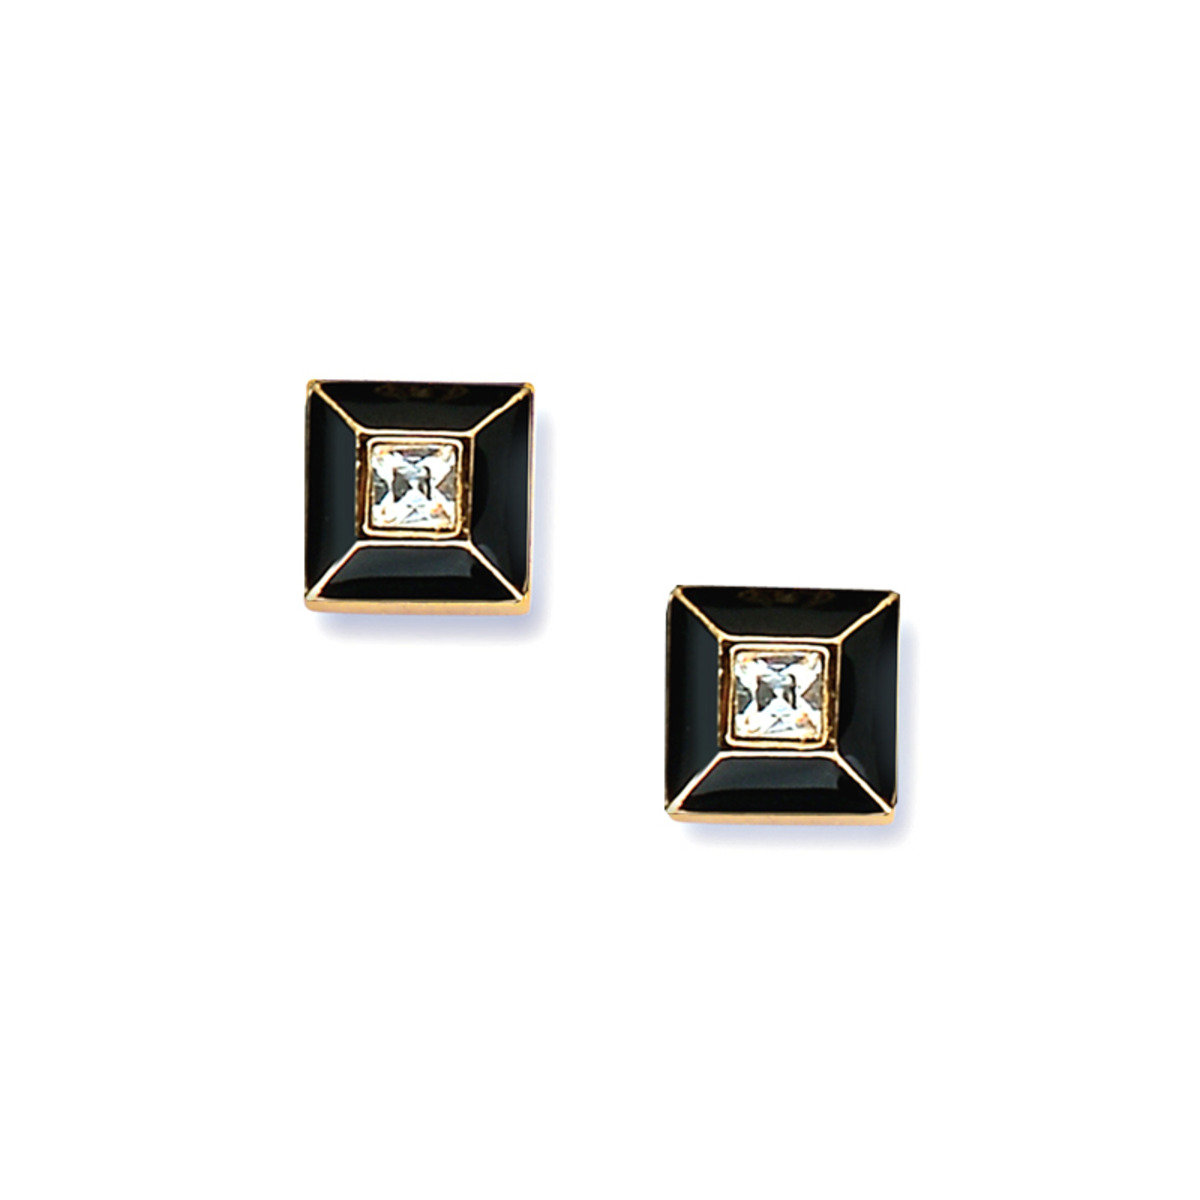 Pyramide pierced earrings